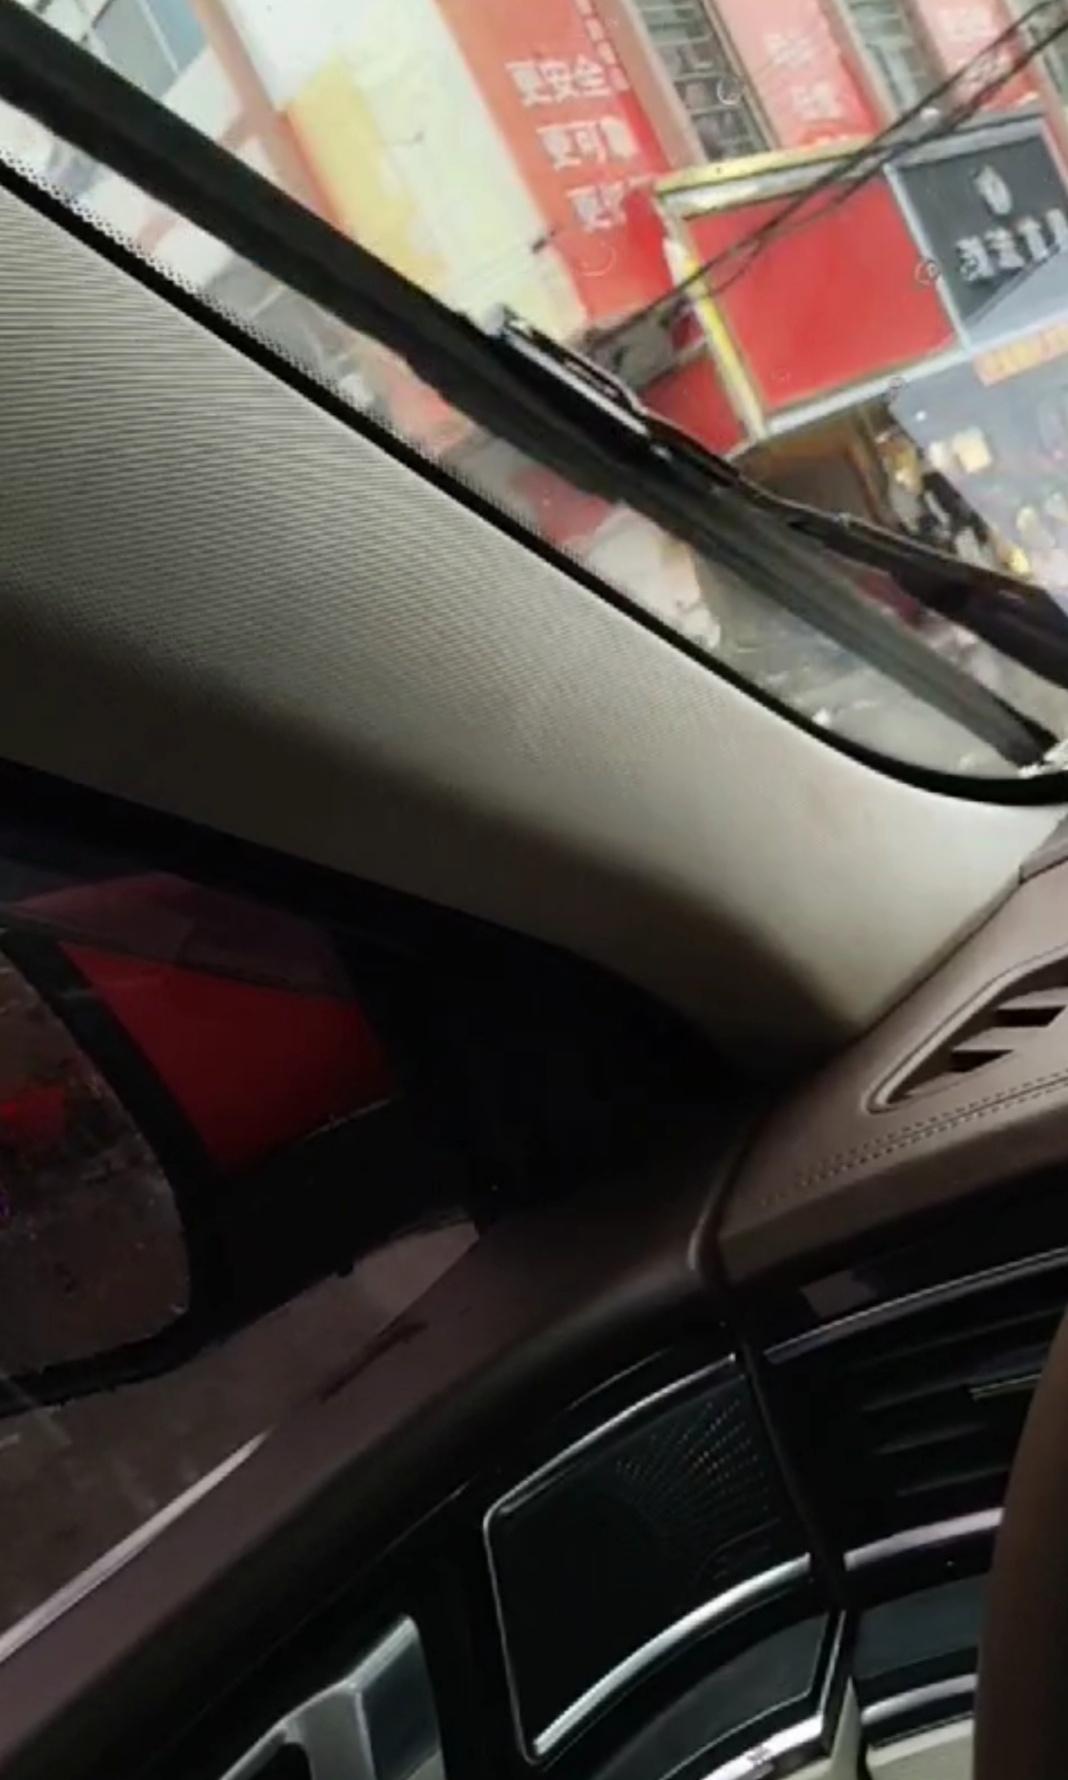 眾泰-眾泰T700 車輛故障,無配件維修,廠家客服態度惡劣